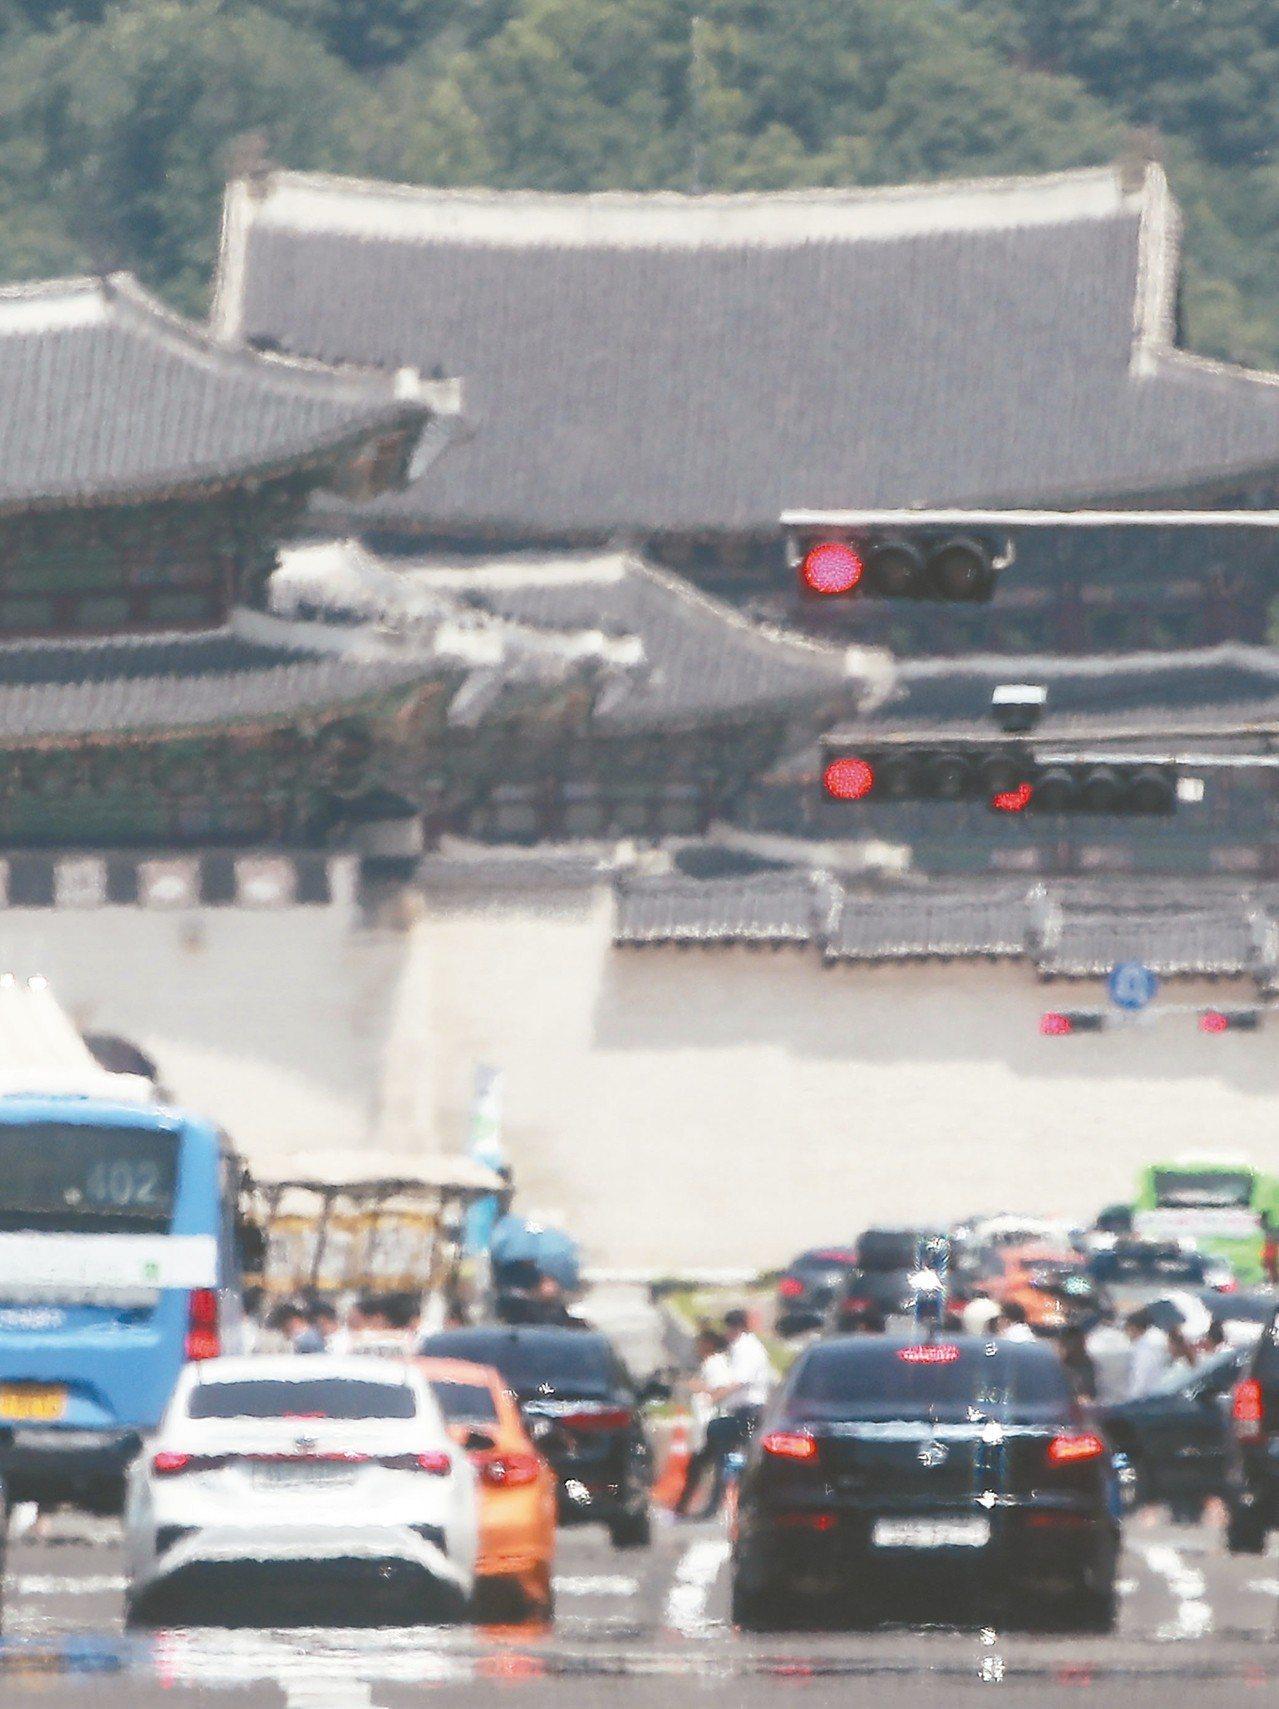 南韓首爾十六日熱氣蒸騰,使街上影像模糊。 (歐新社)